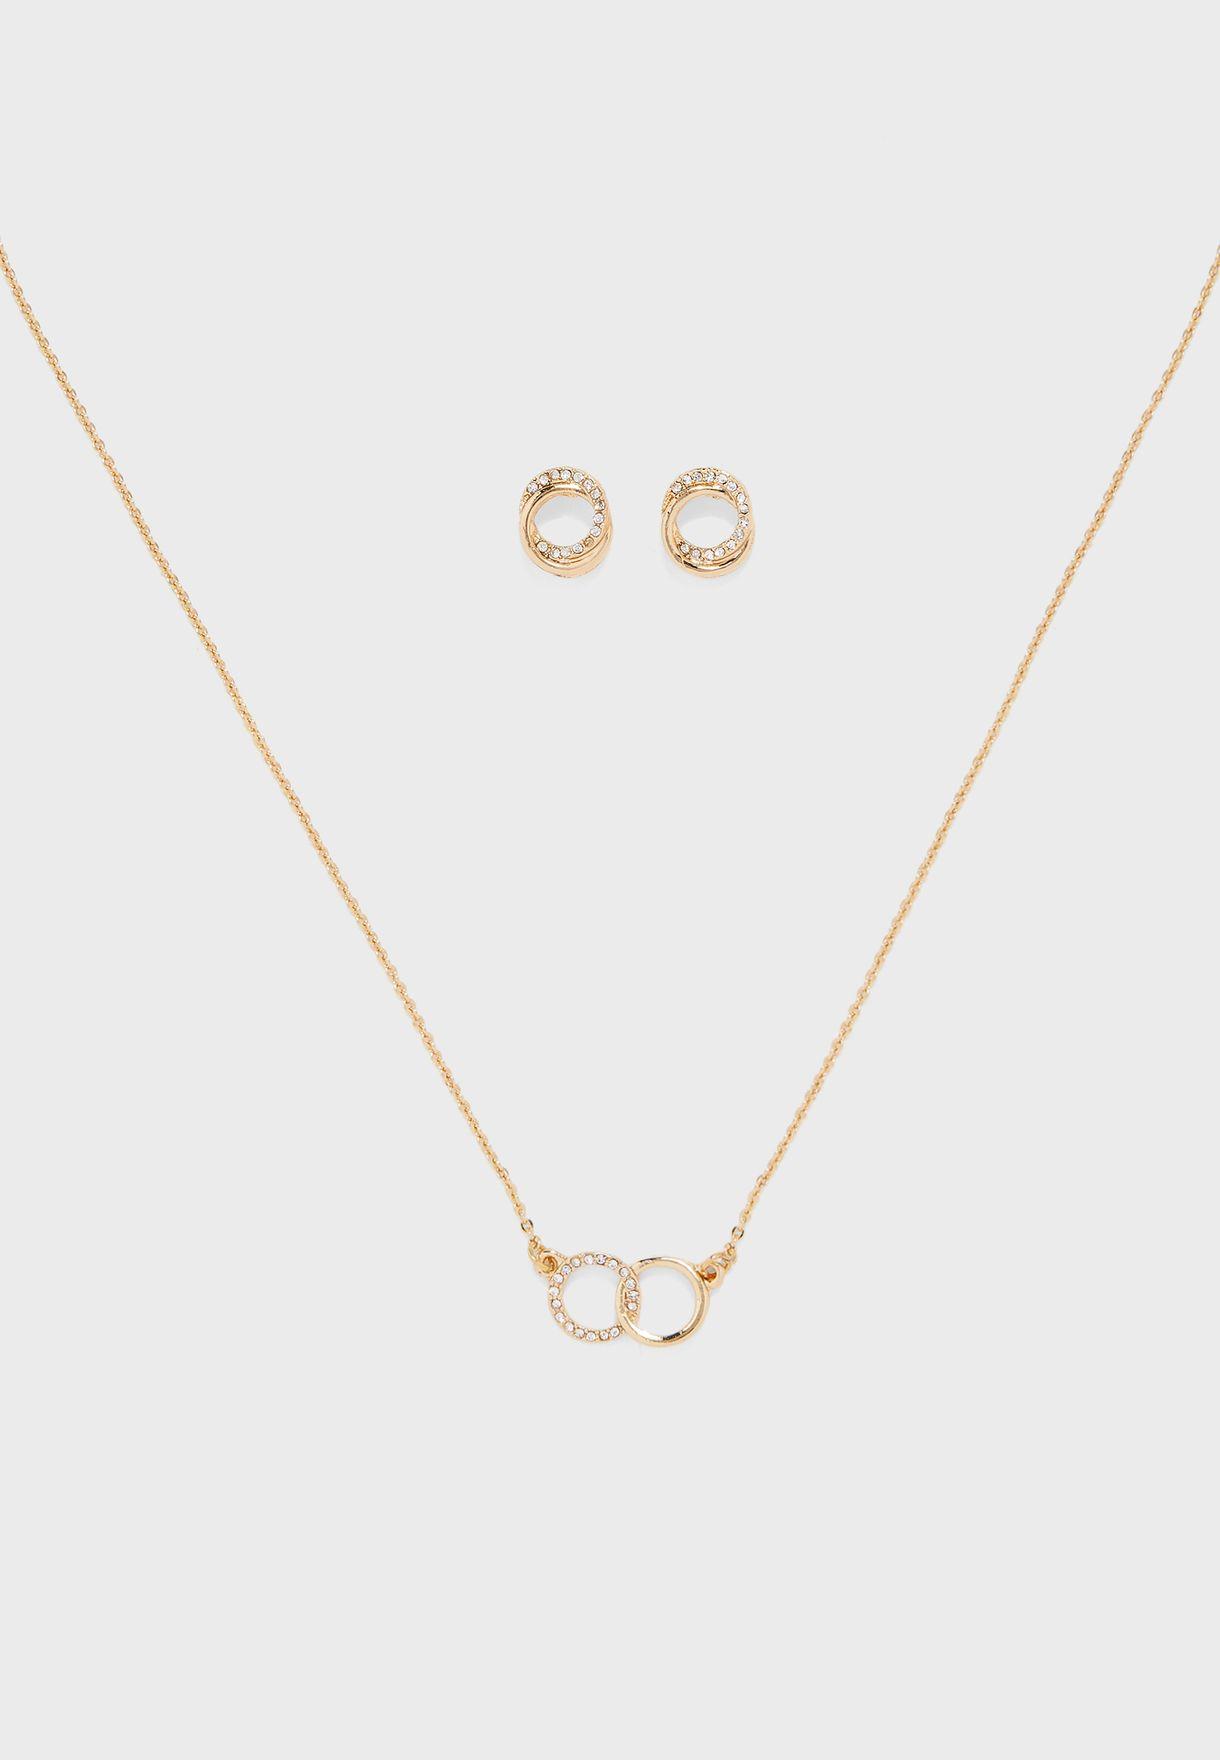 Diamante Detail Necklace & Earrings Set